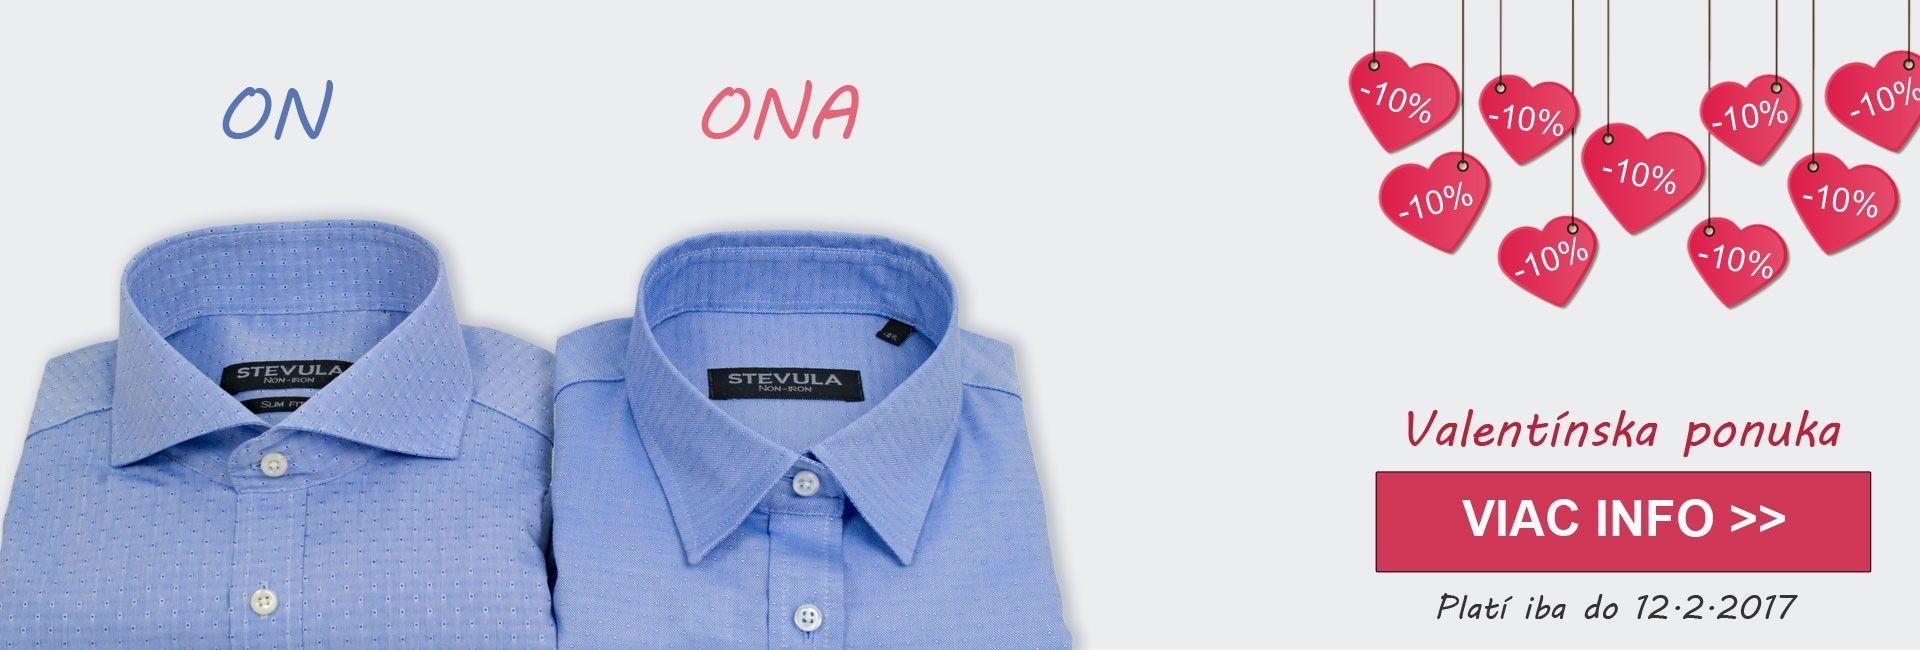 Valentínska ponuka pre dvoch - kúpte ako darček na valentína partnerovi košeľu, ktorá mu bude robiť radosť po celý rok!